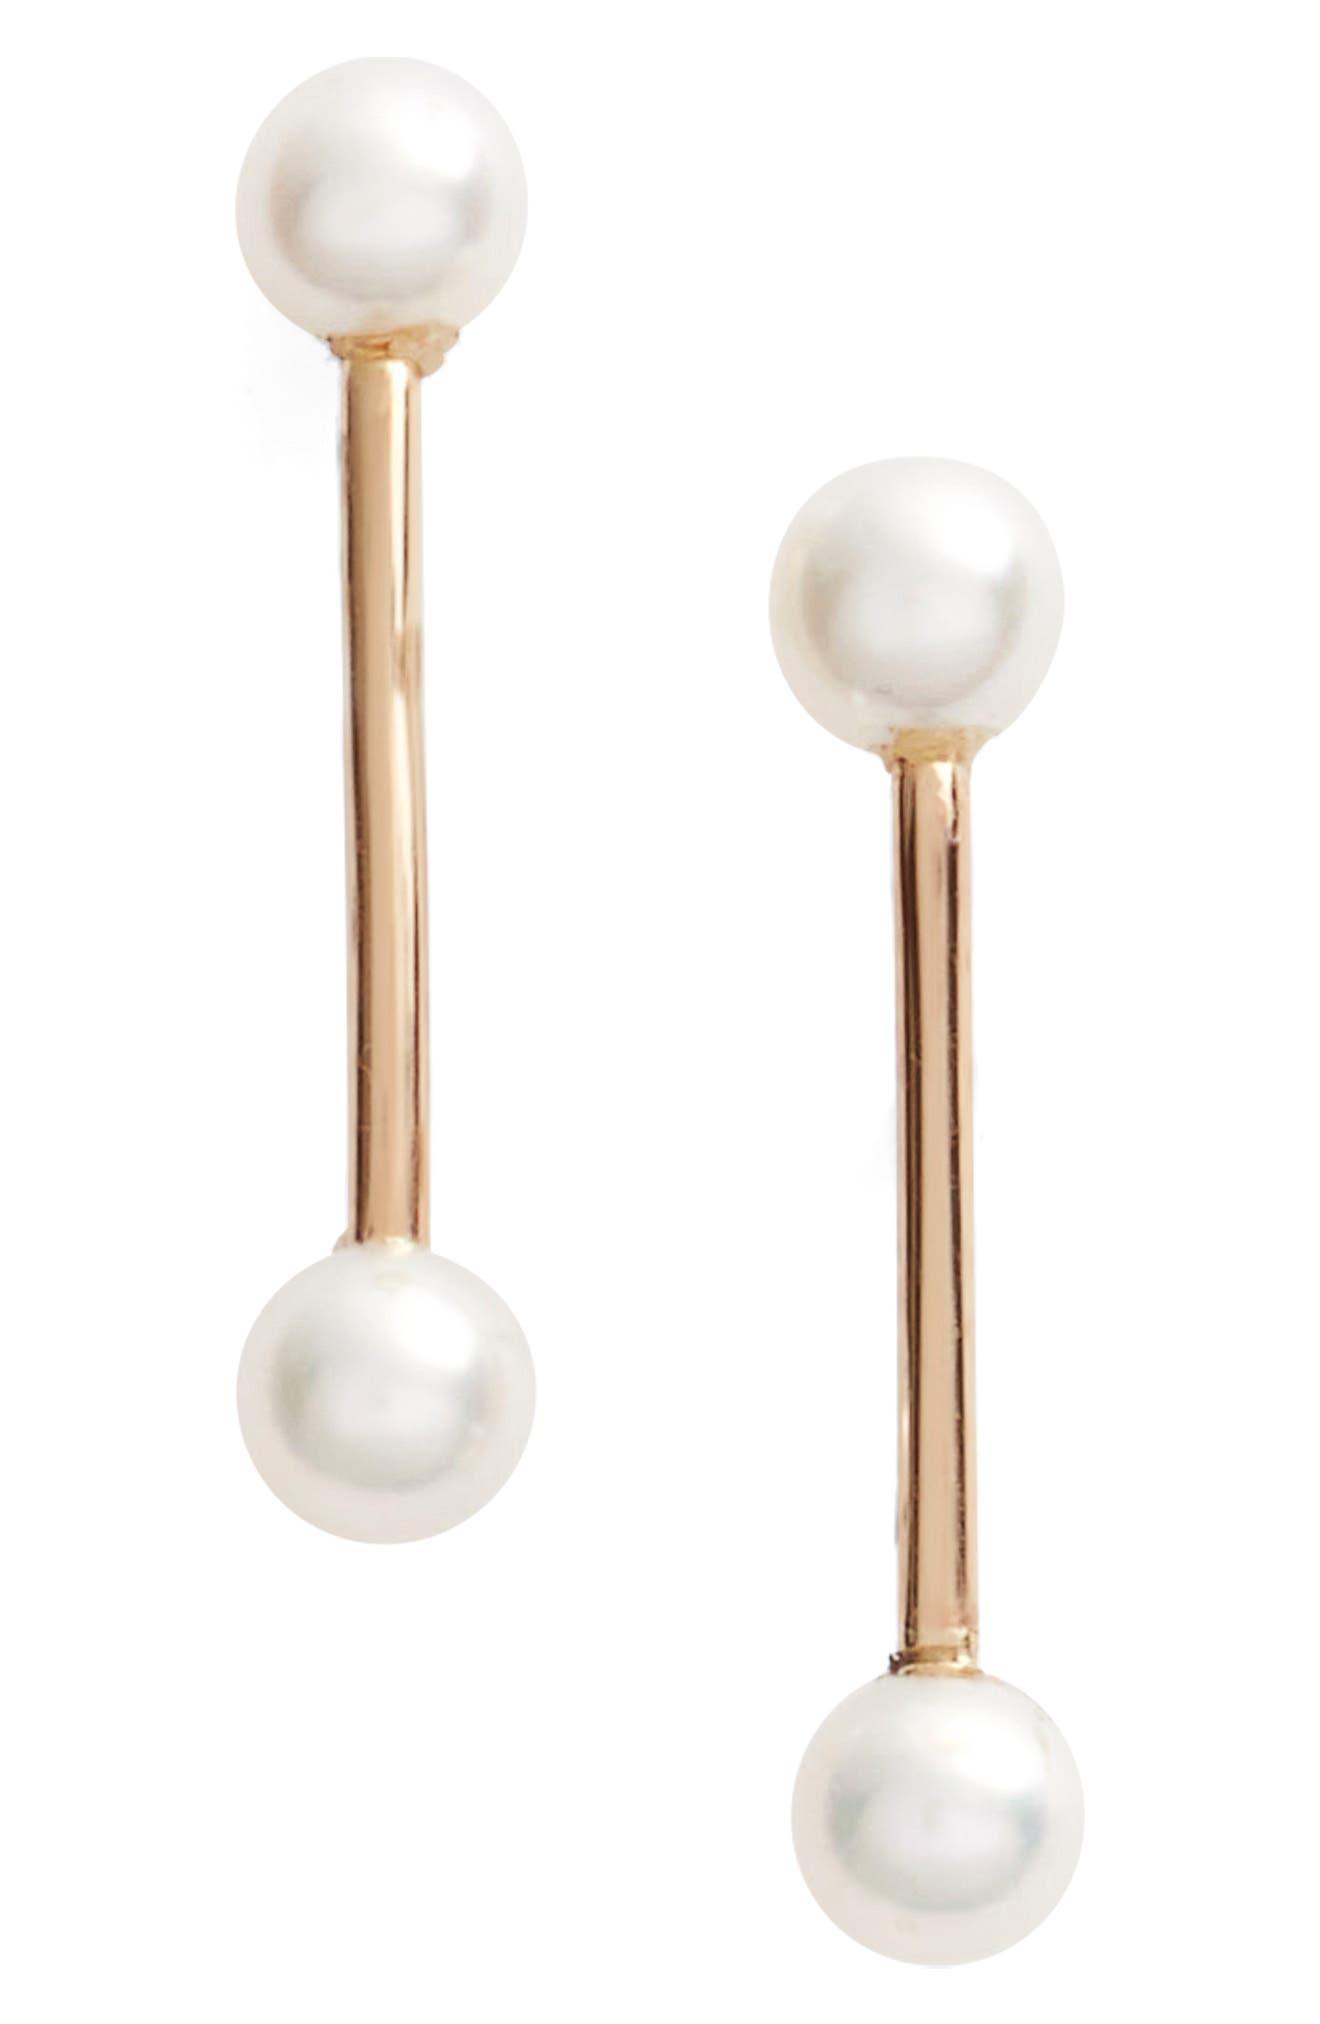 Poppy Finch Pearl Bar Stud Earrings